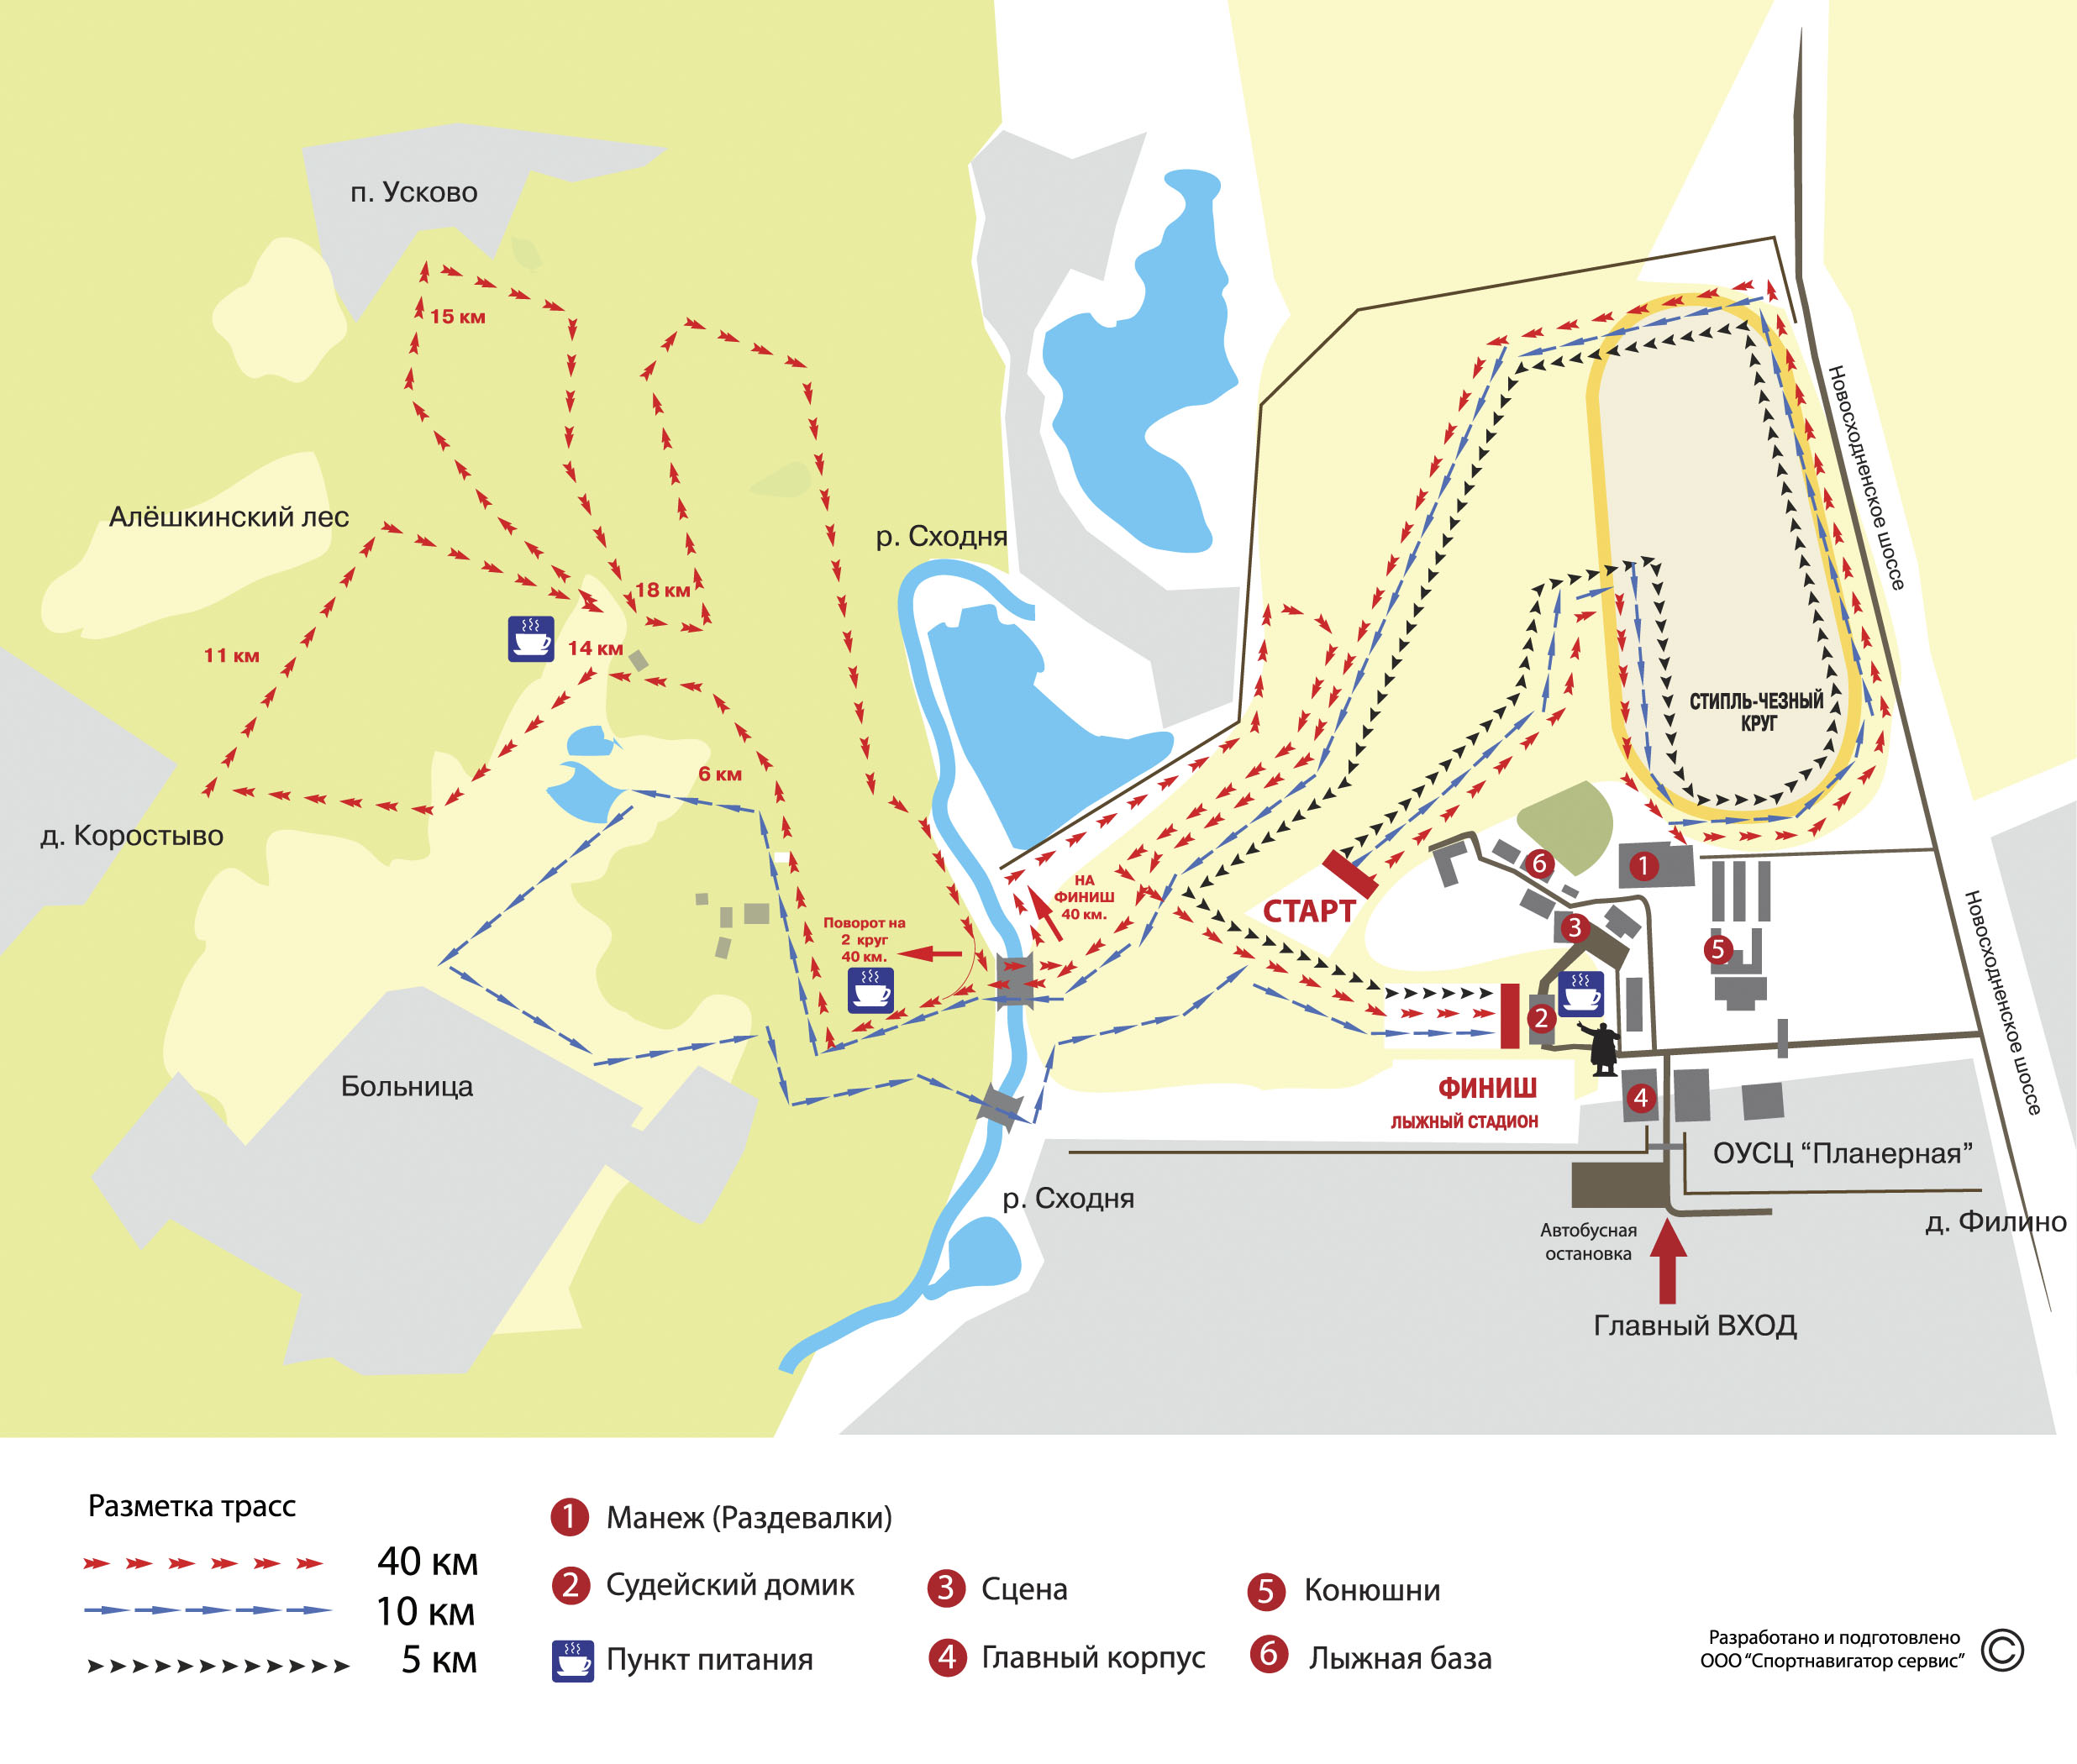 Схема трассы на планерной